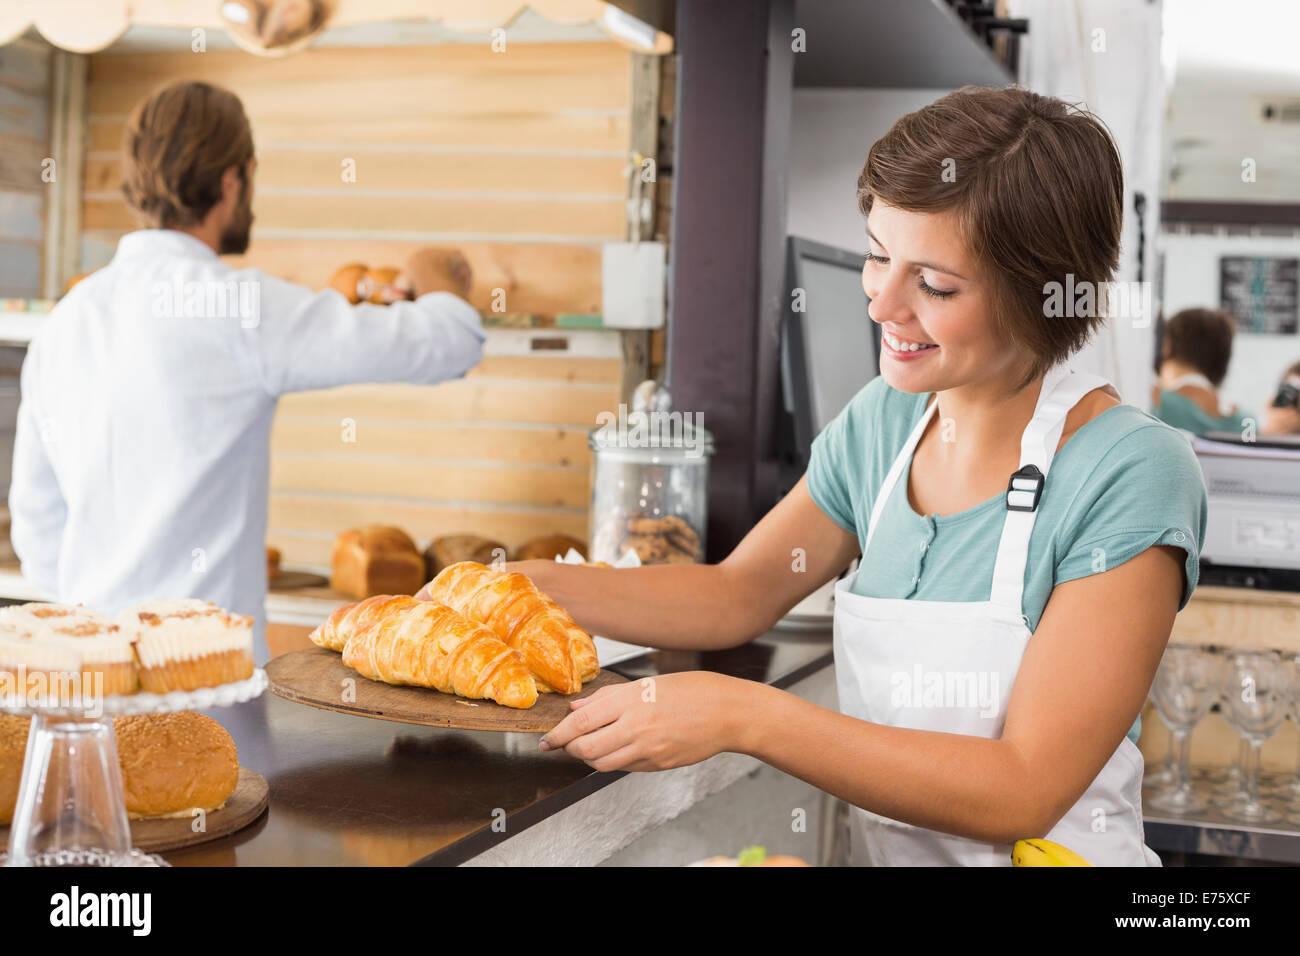 Jolie waitress holding tray de croissants Photo Stock